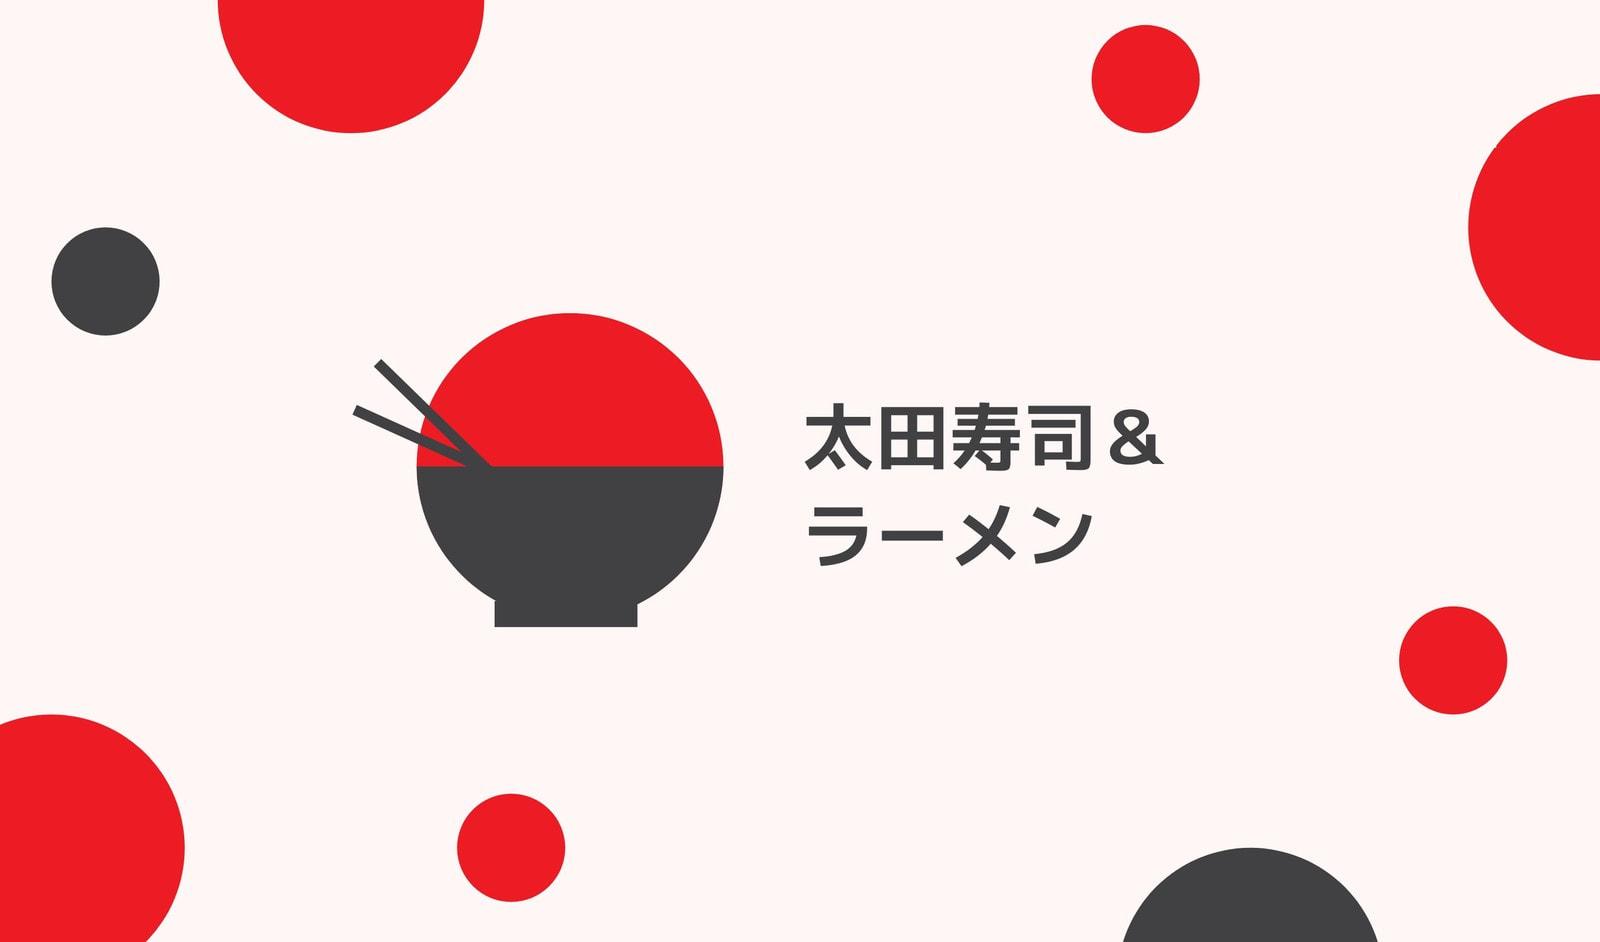 赤とグレー クリエイティブ ラーメン店の名刺